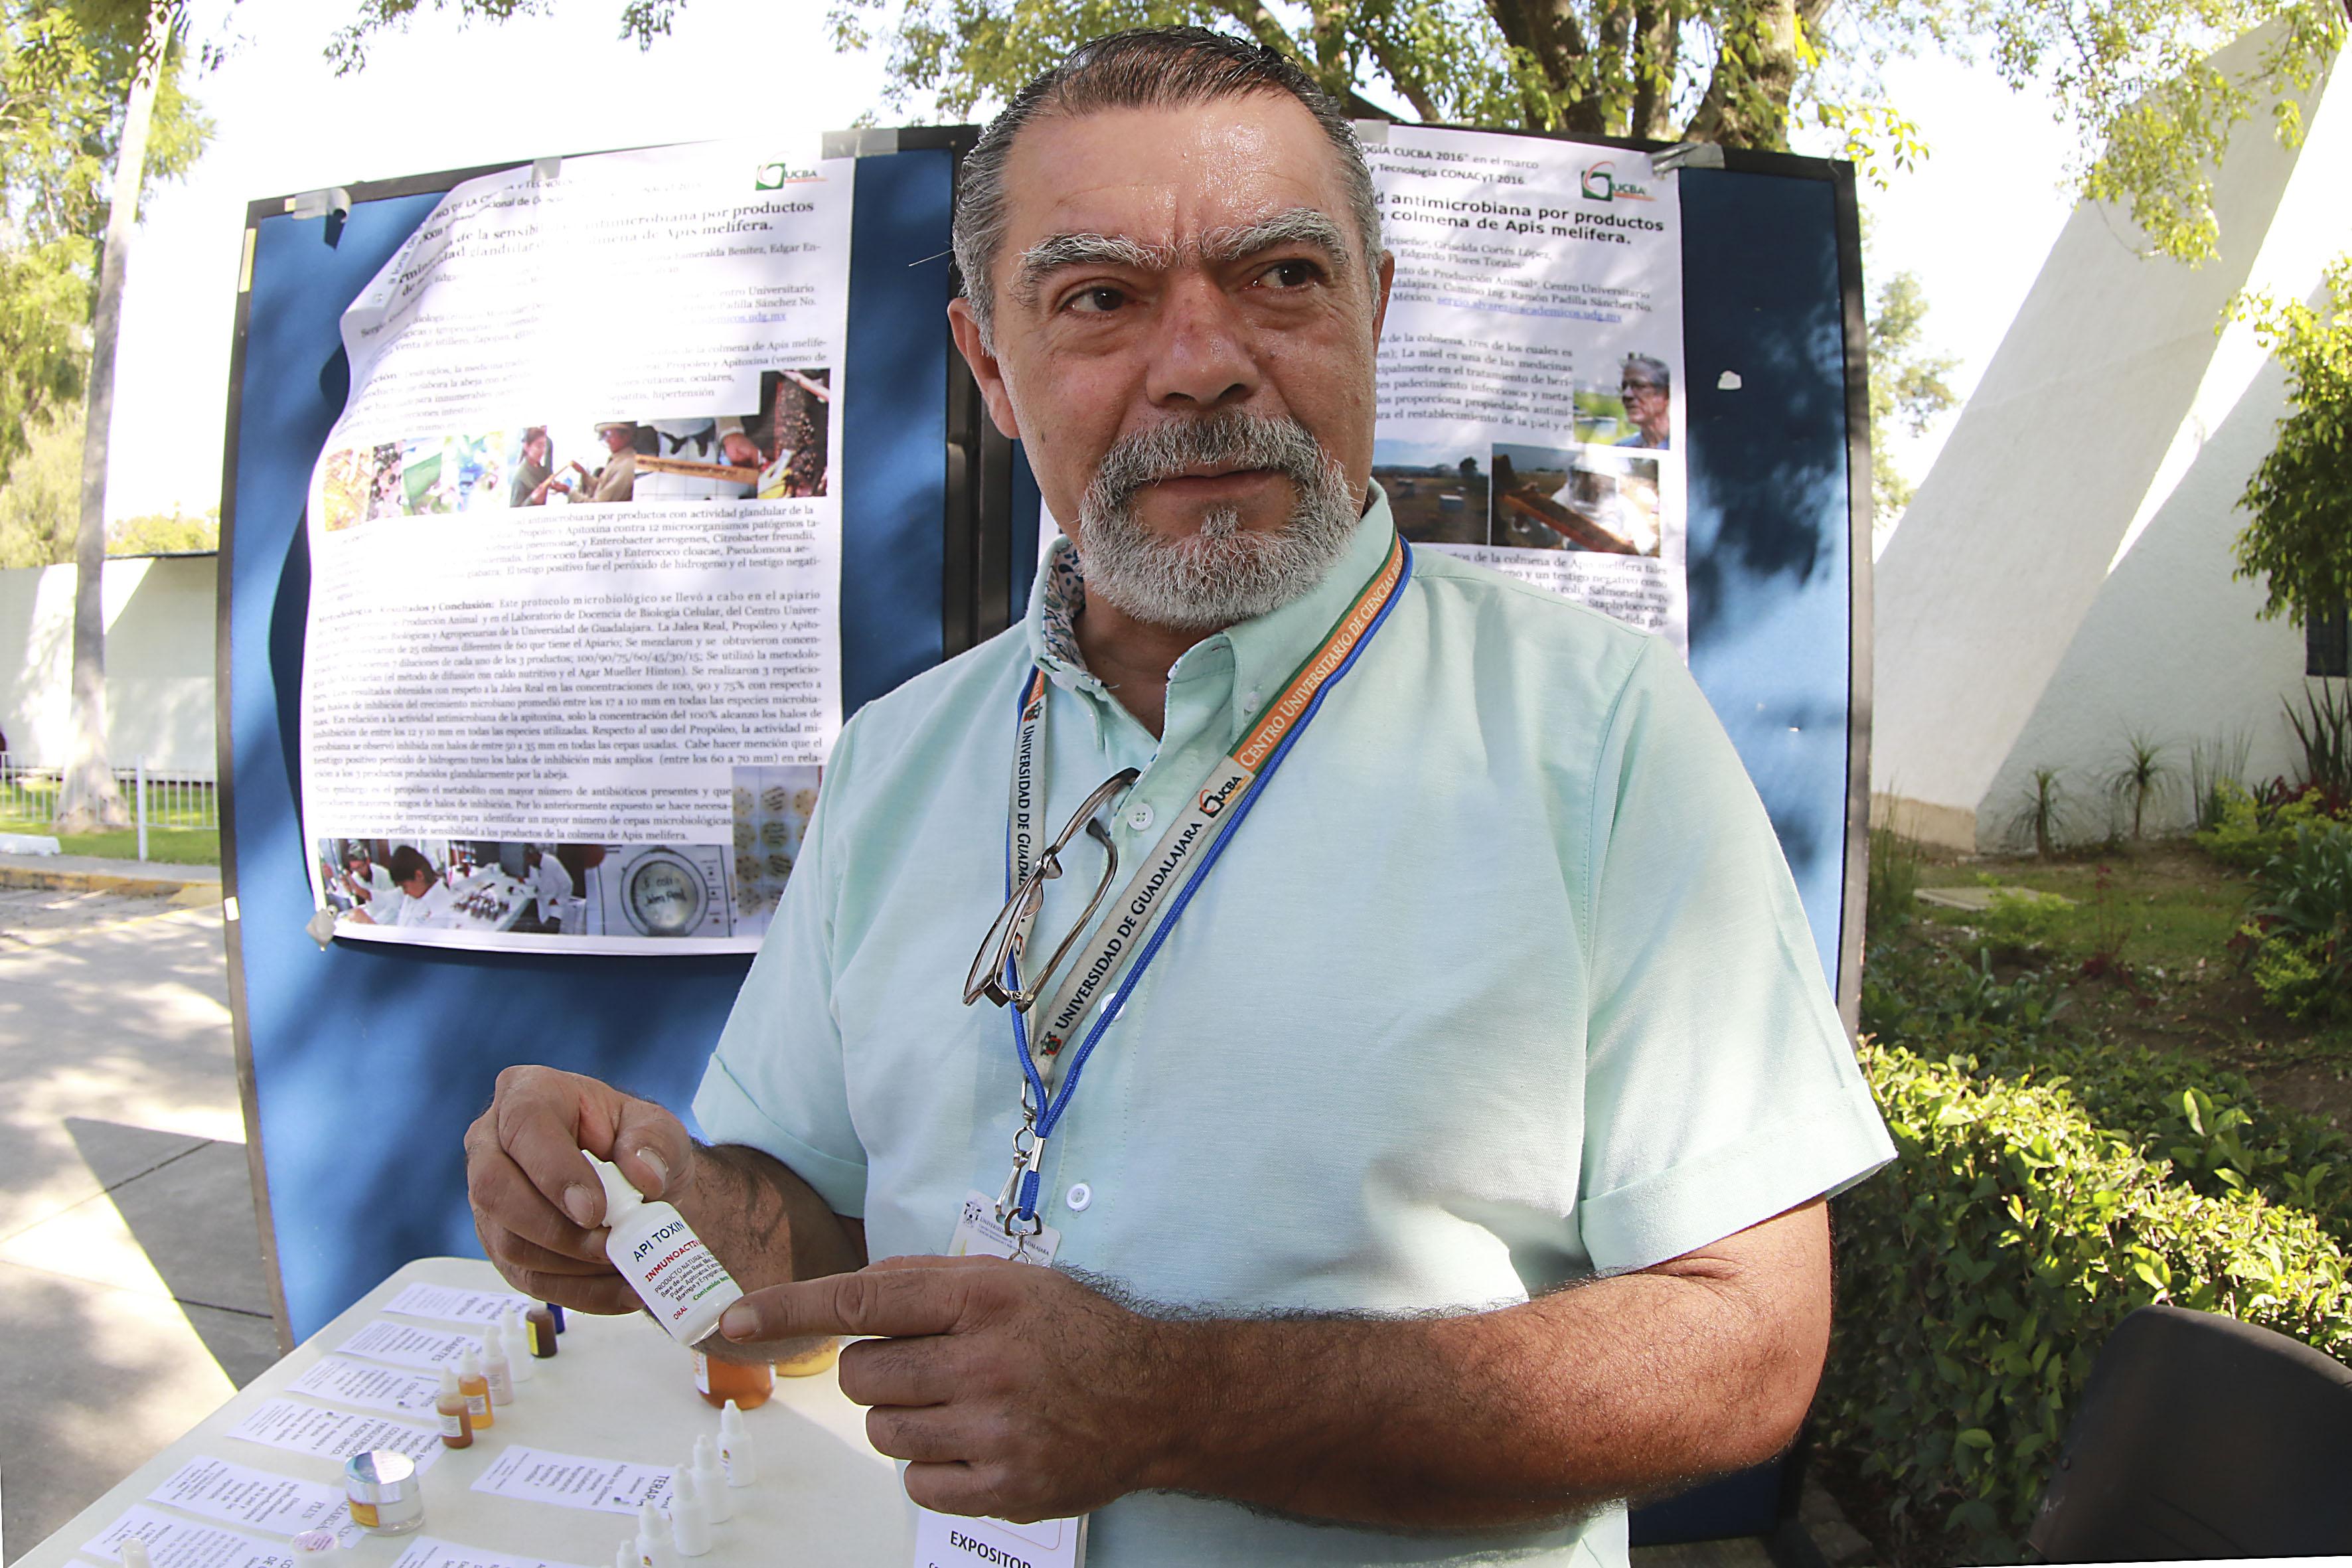 Investigador del CUCBA, exponiendo medicina antimicrobiana terapéutica a base del producto de las abejas.